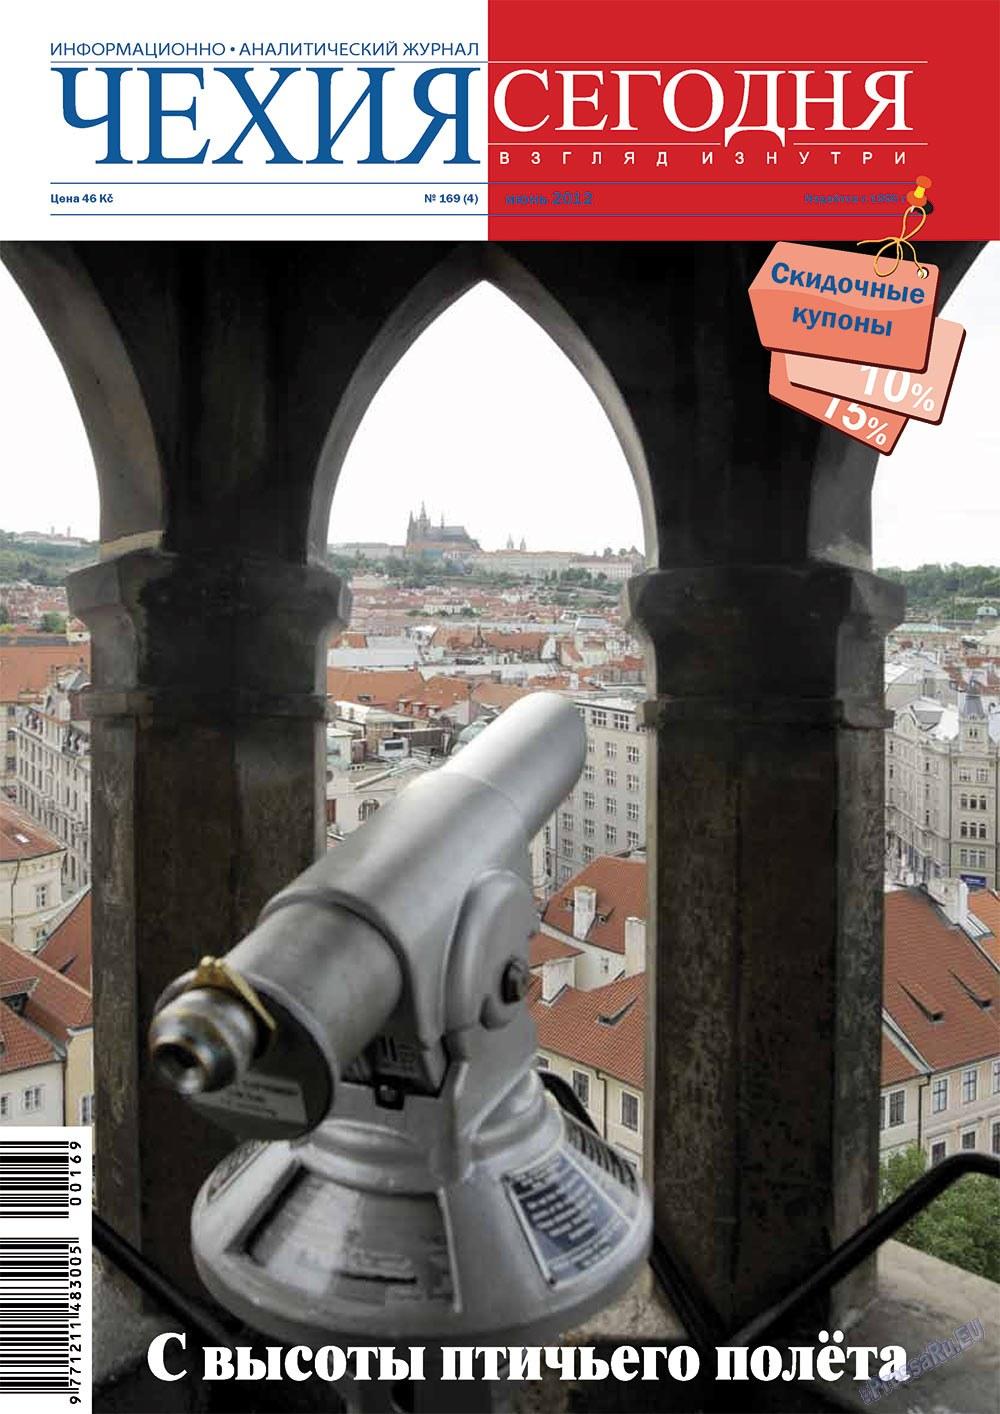 Чехия сегодня (журнал). 2012 год, номер 169, стр. 1